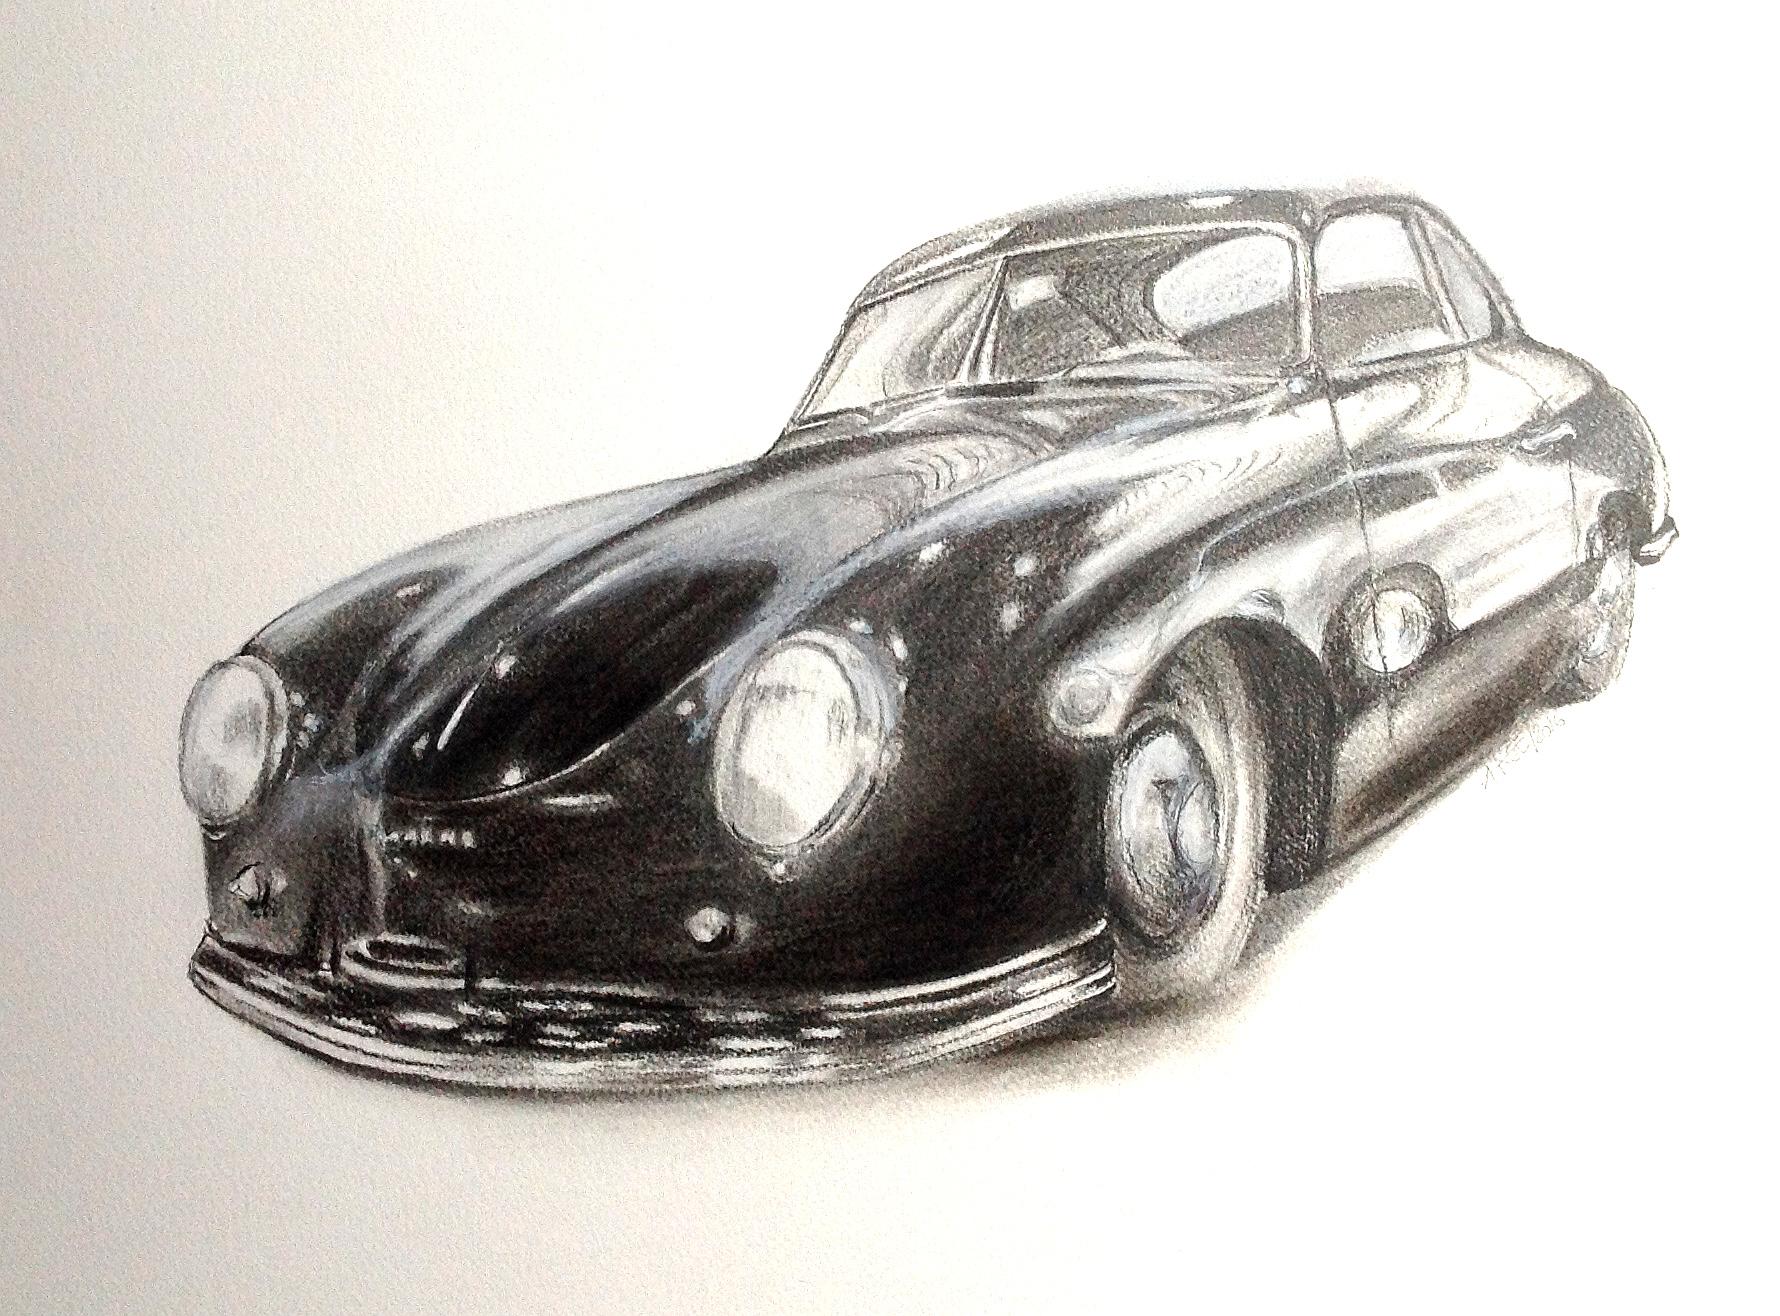 Two Porsches | Kohlezeichnung | 30 x 40 cm